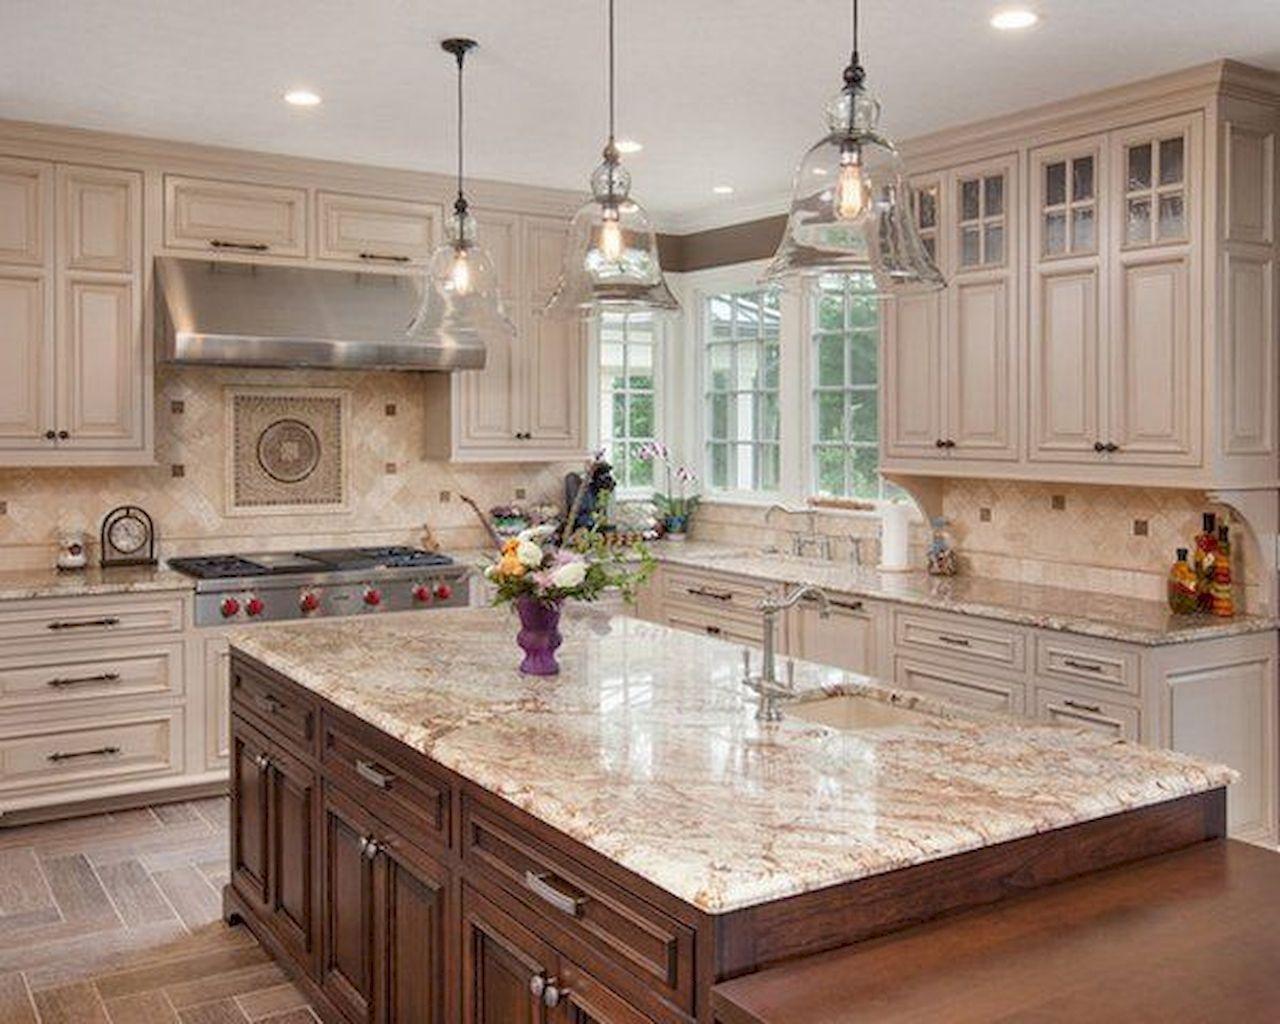 Best Off White Kitchen Cabinets Design Ideas 5 Beige Kitchen Off White Kitchen Cabinets Off White Kitchens